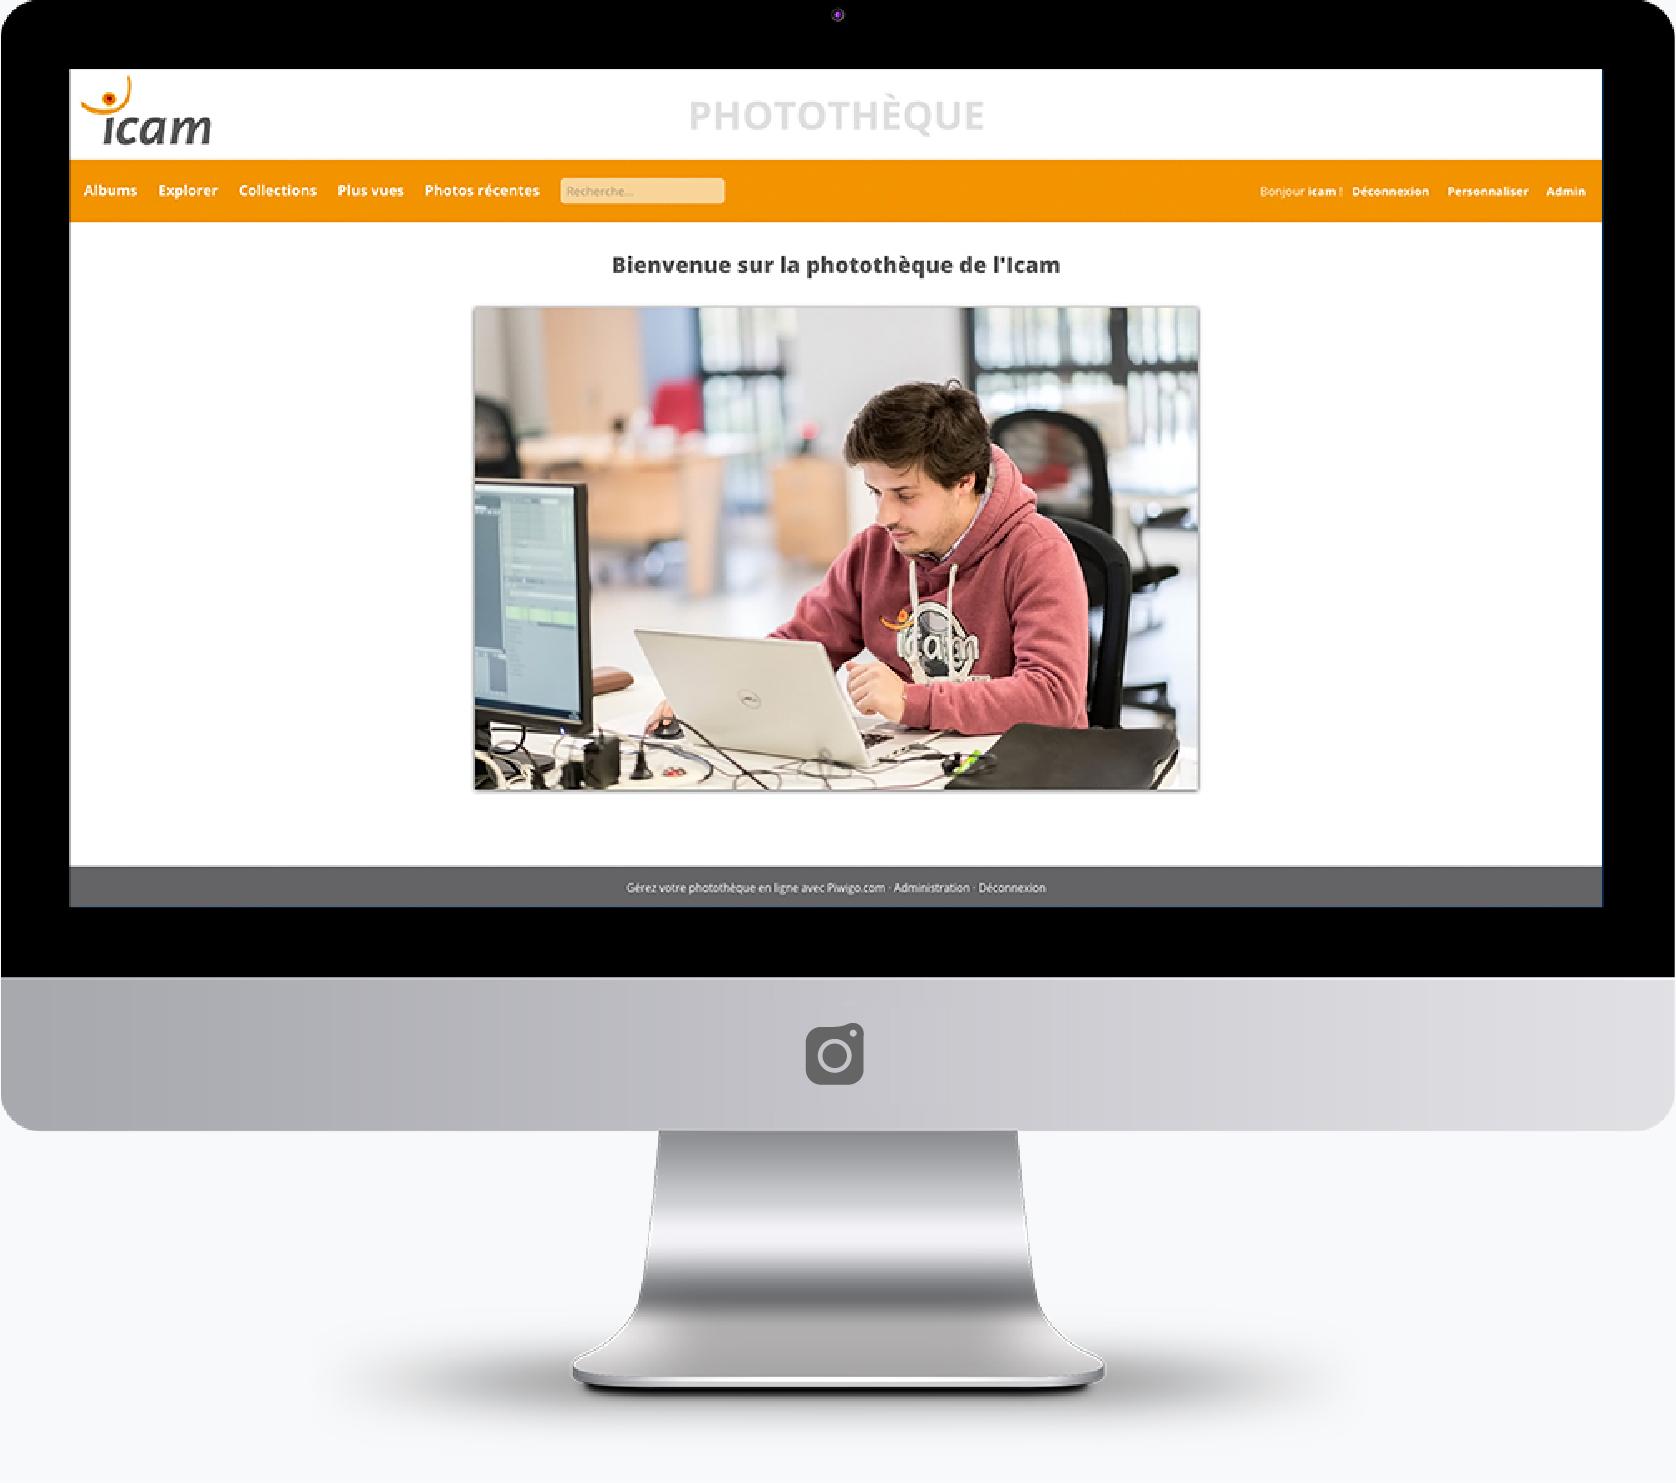 screenshot of ICAMs custom piwigo